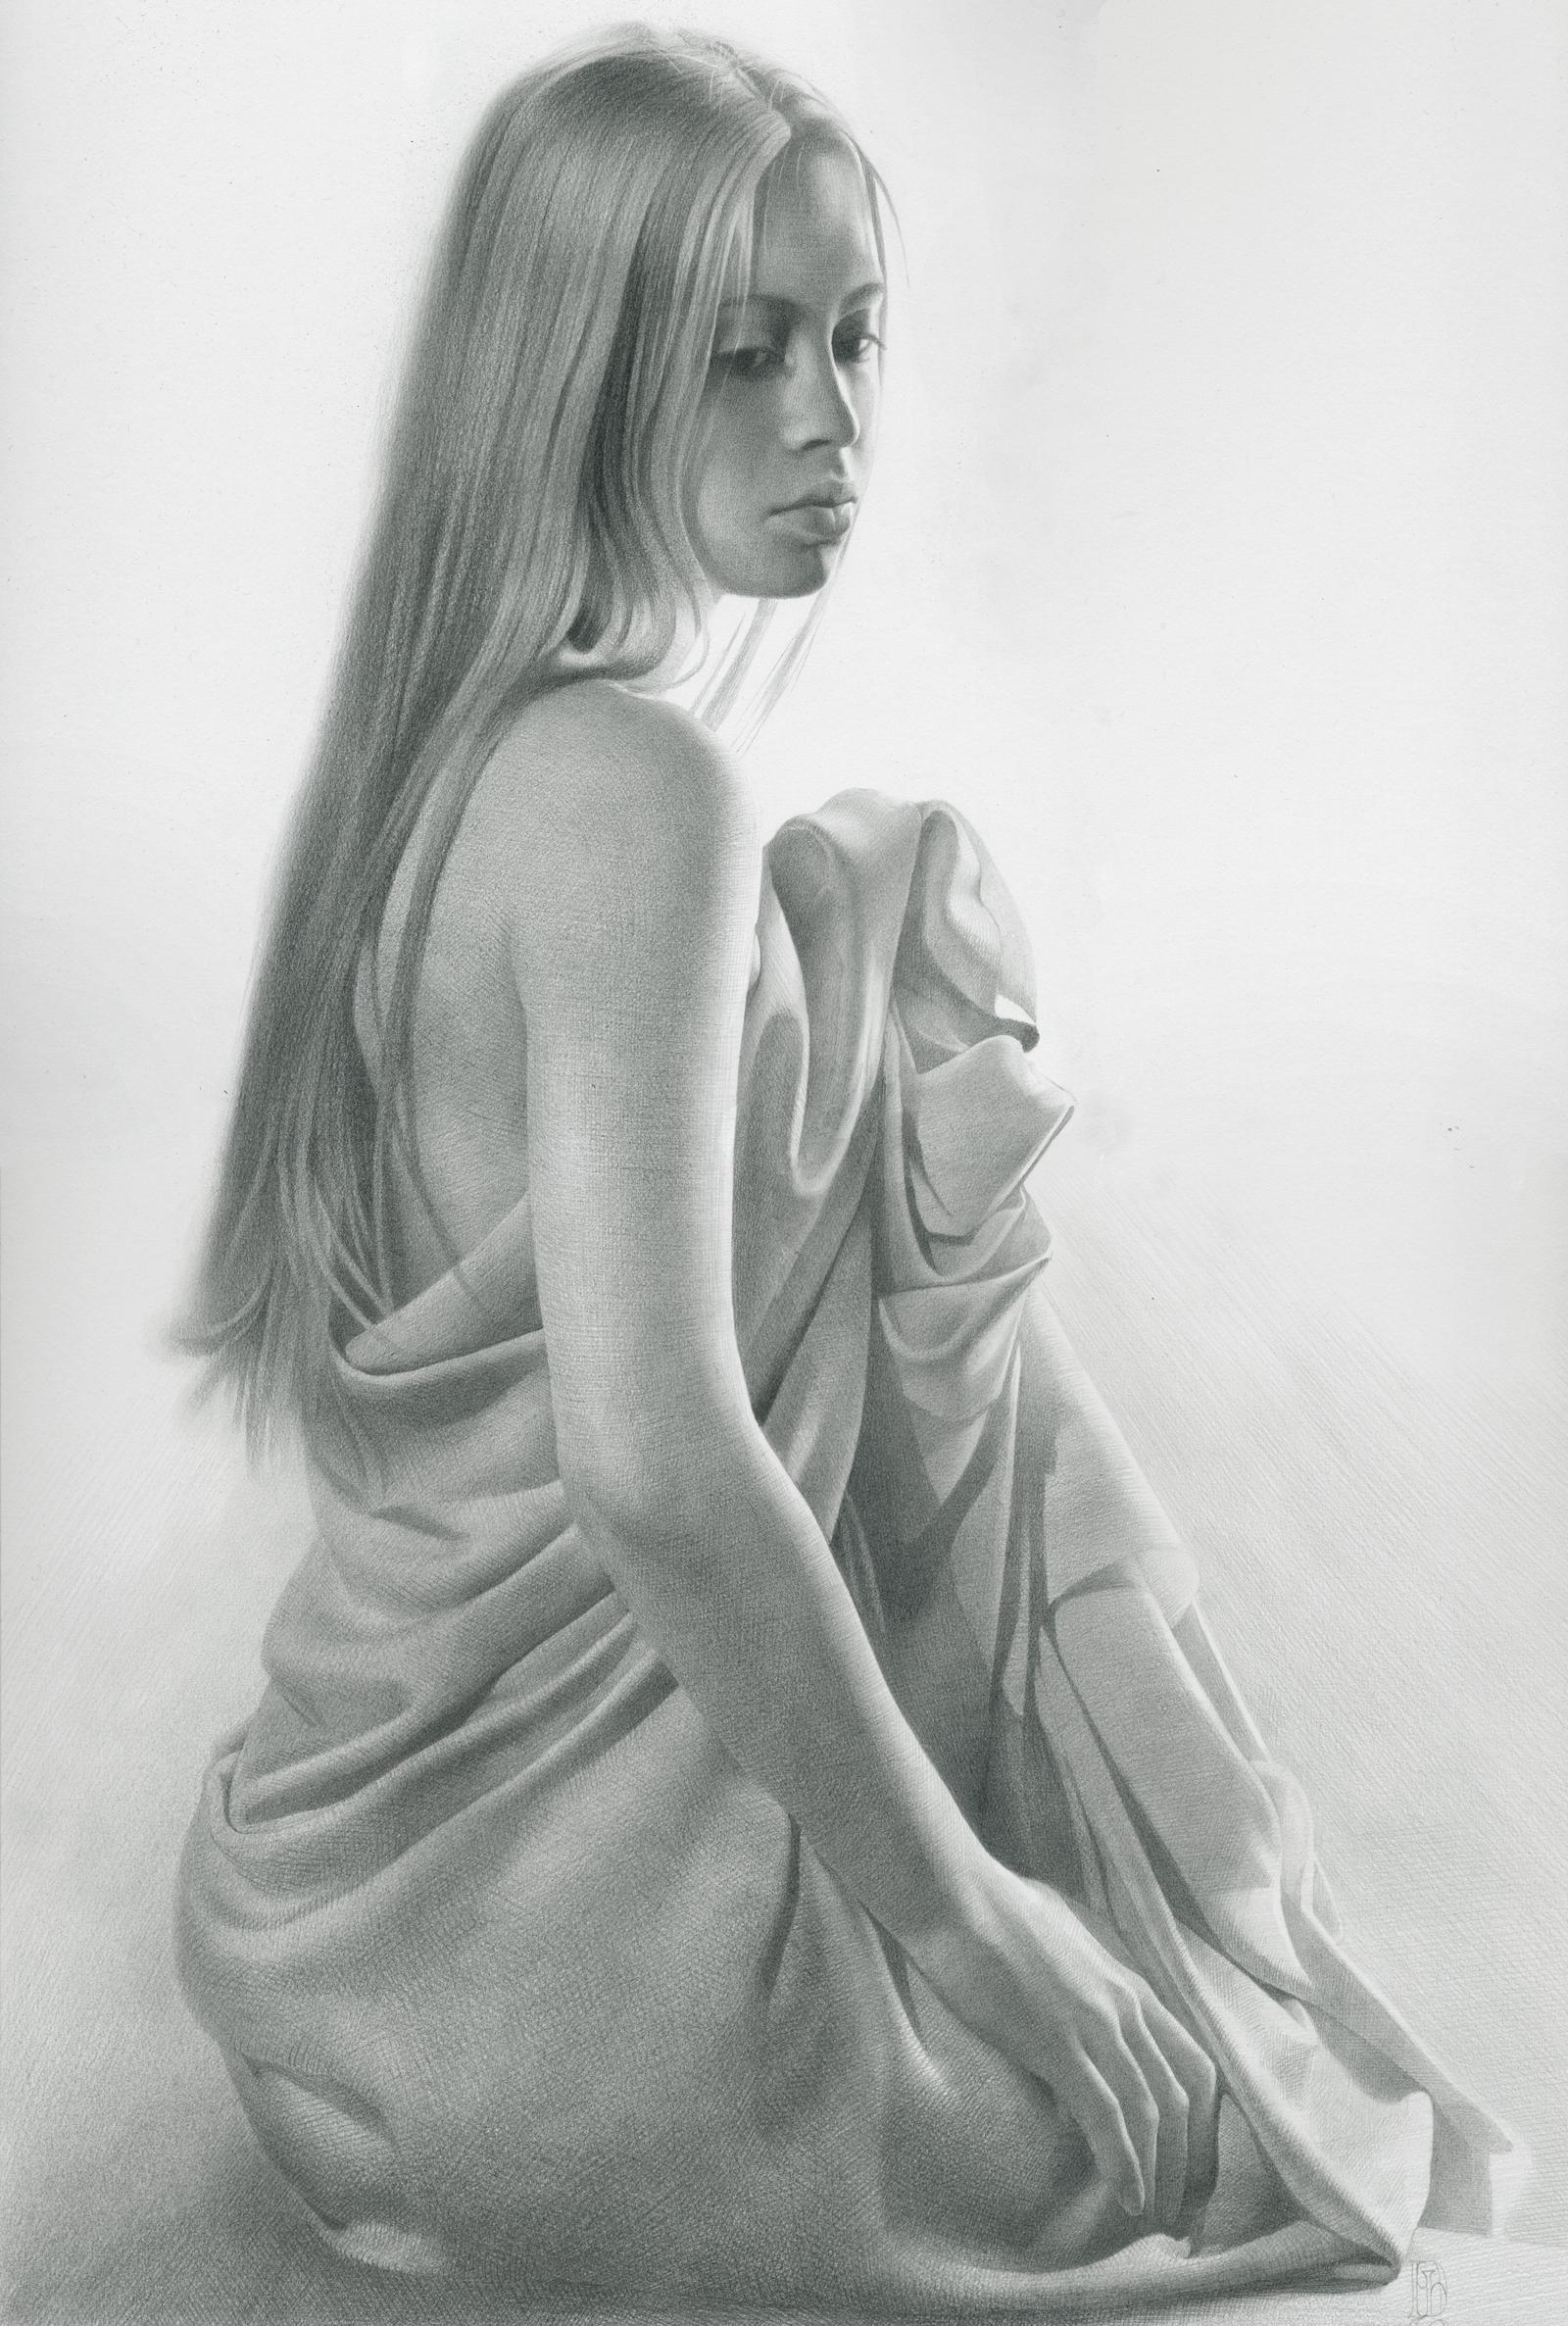 Фото рисунков карандашом голых девушек 9 фотография